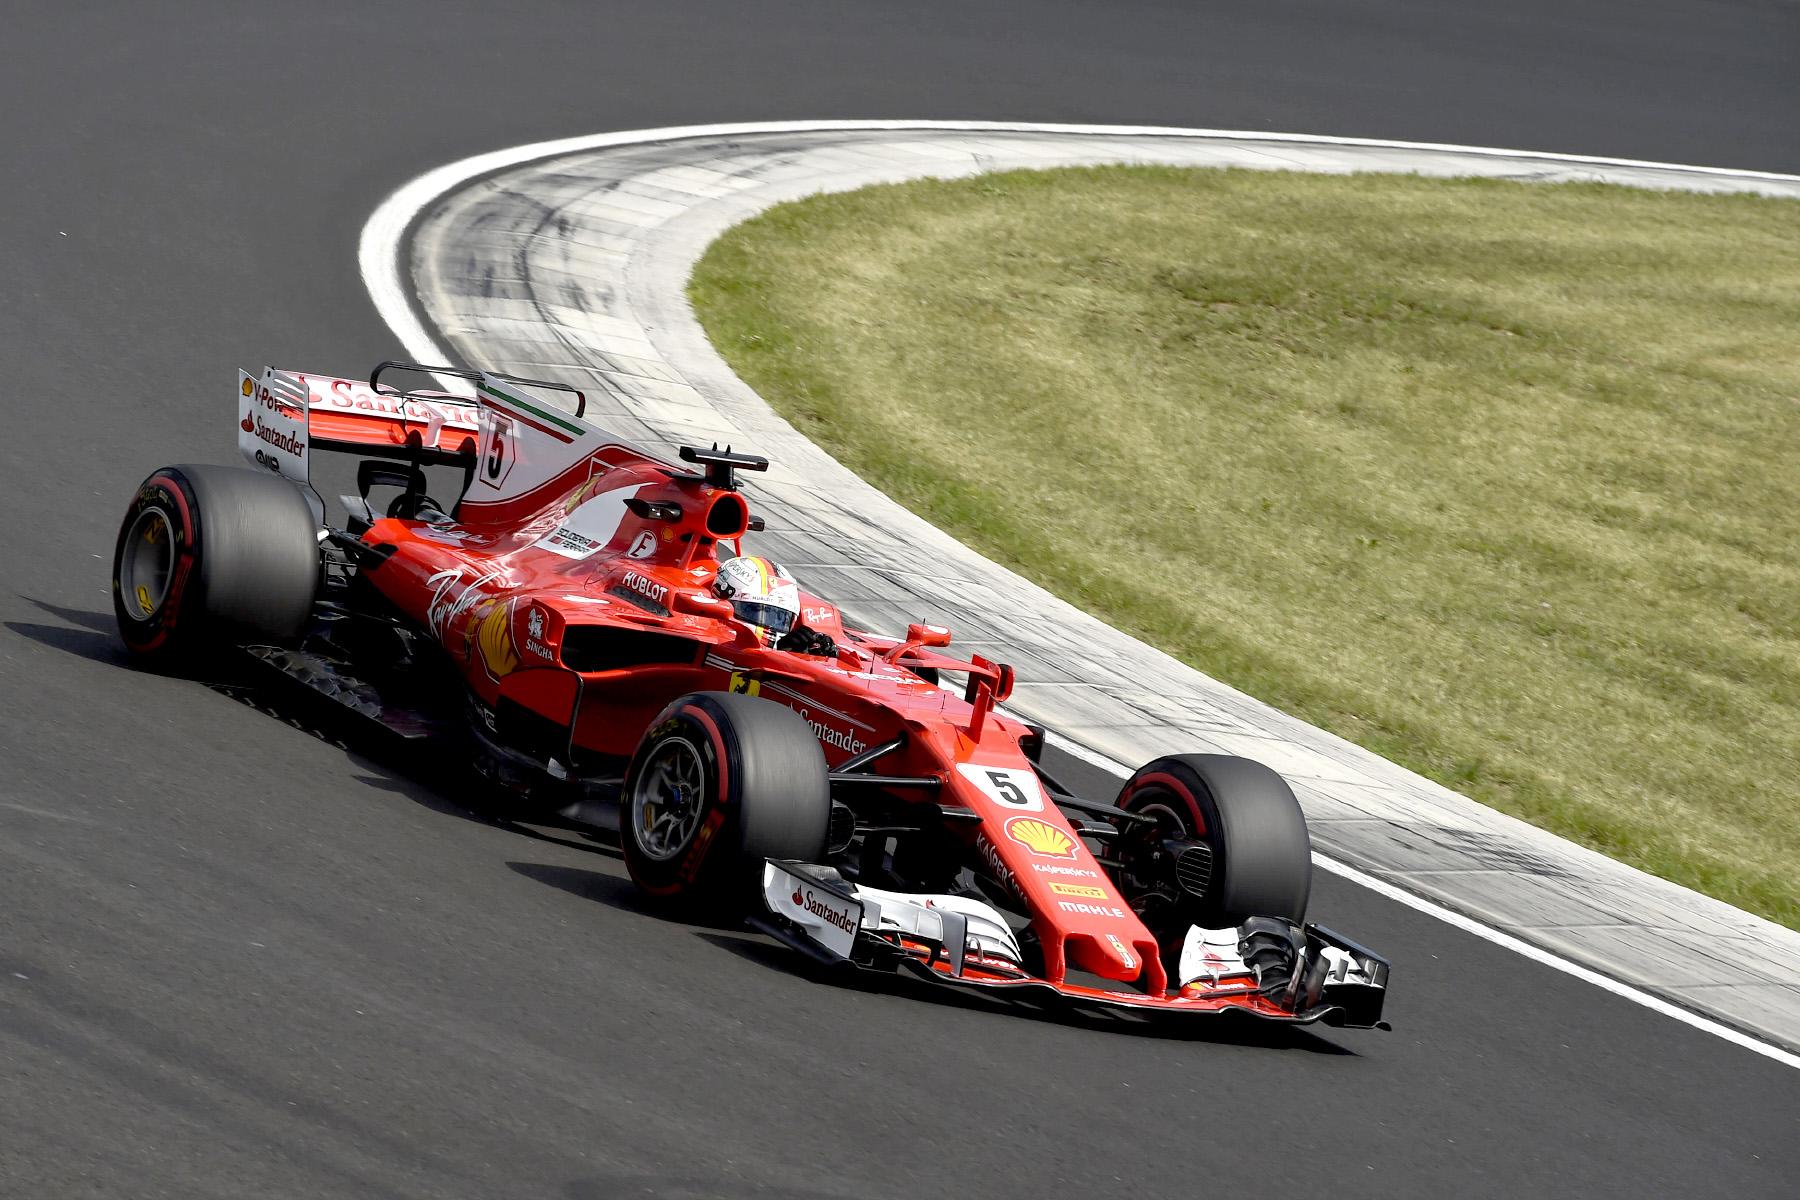 Sebastian Vettel in his Ferrari at the 2017 Hungarian Grand Prix.